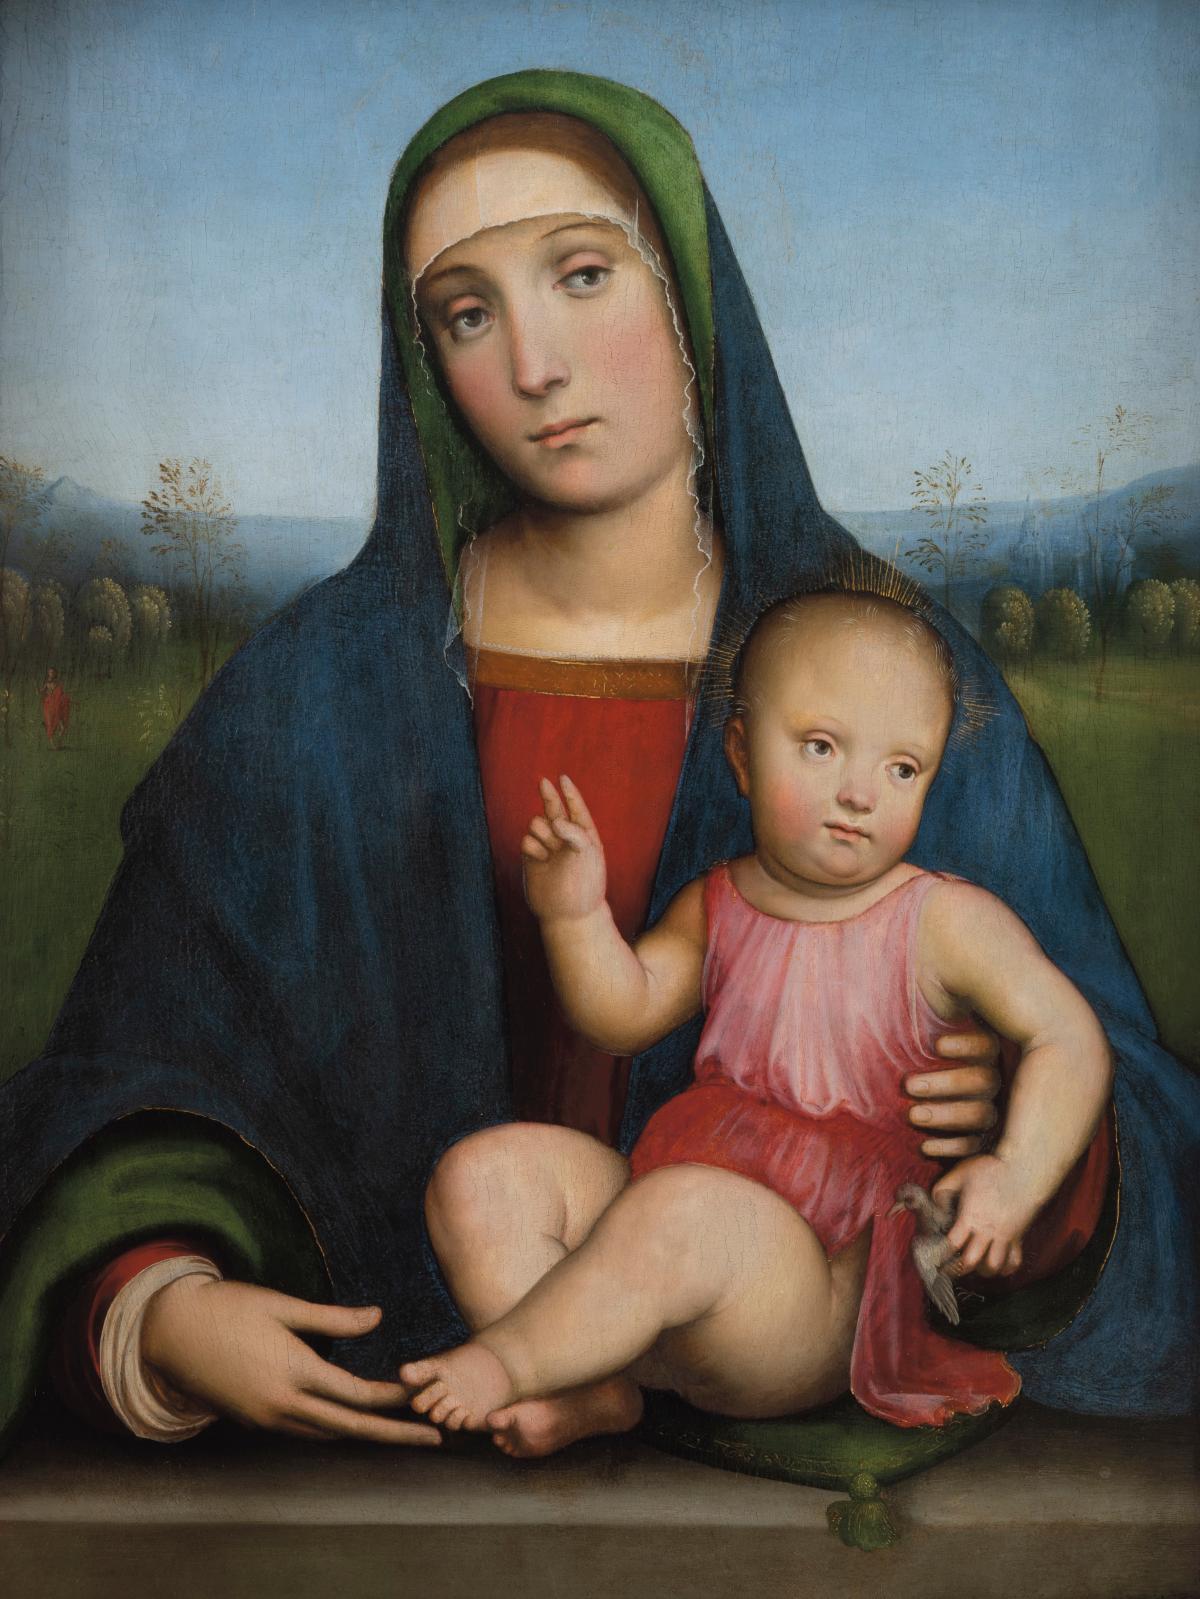 Francesco Francia (1450-1517), Vierge à l'Enfant assis tenant un chardonneret, vers 1490, abbaye royale de Chaalis. © Bruno Cohen